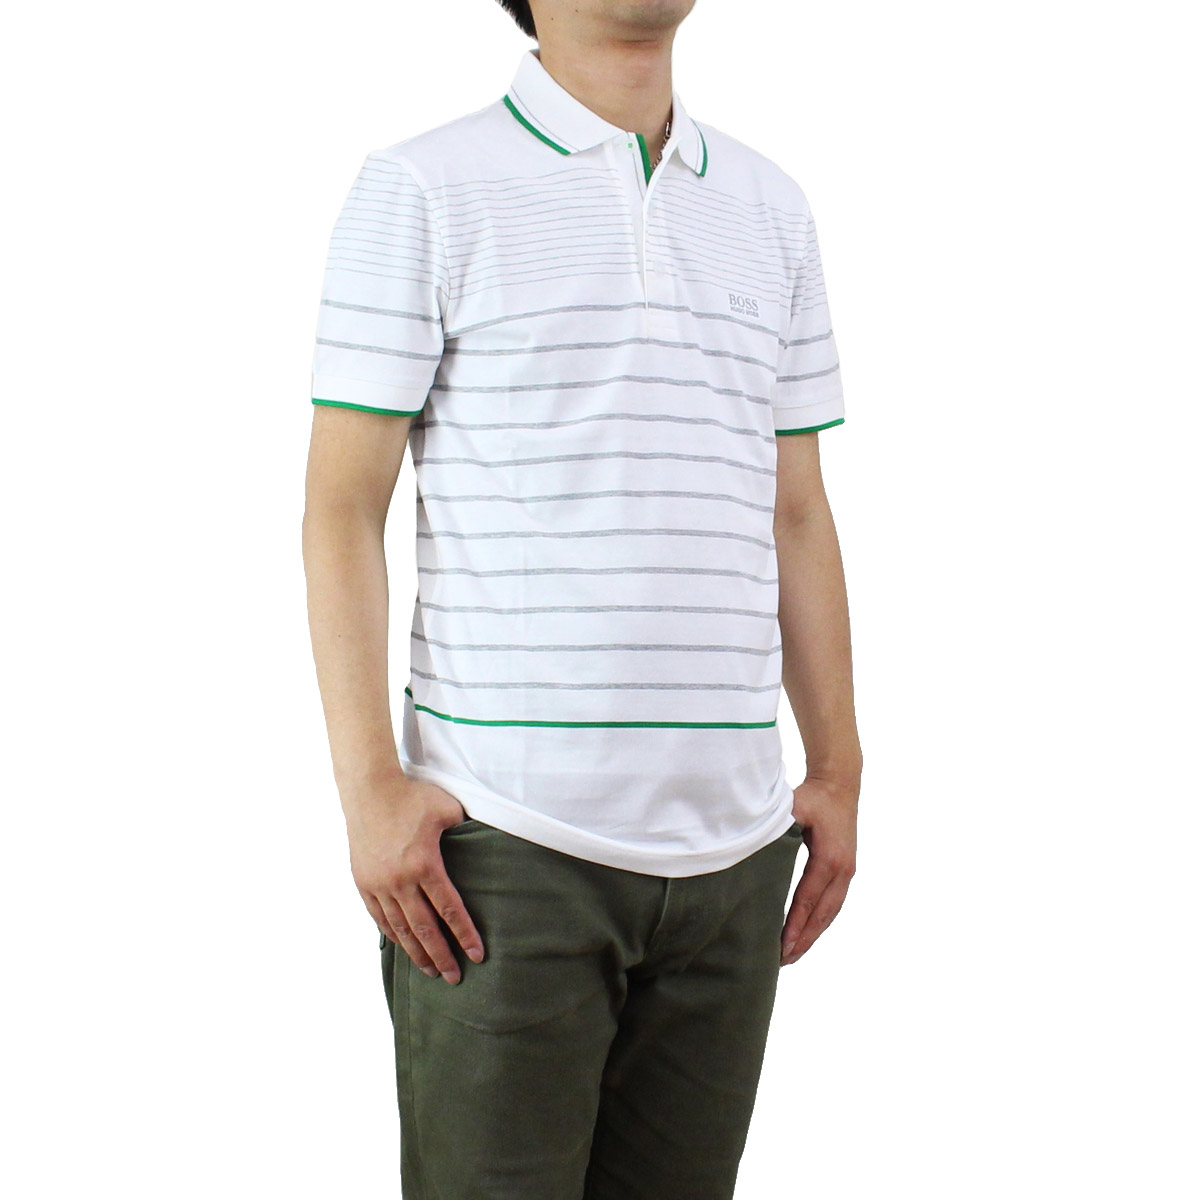 ヒューゴ ボス HUGO BOSS メンズ 半袖 ポロシャツ 50329696 10195908 100 ホワイト系 グリーン系 メンズ 半袖【キャッシュレス 5% 還元】